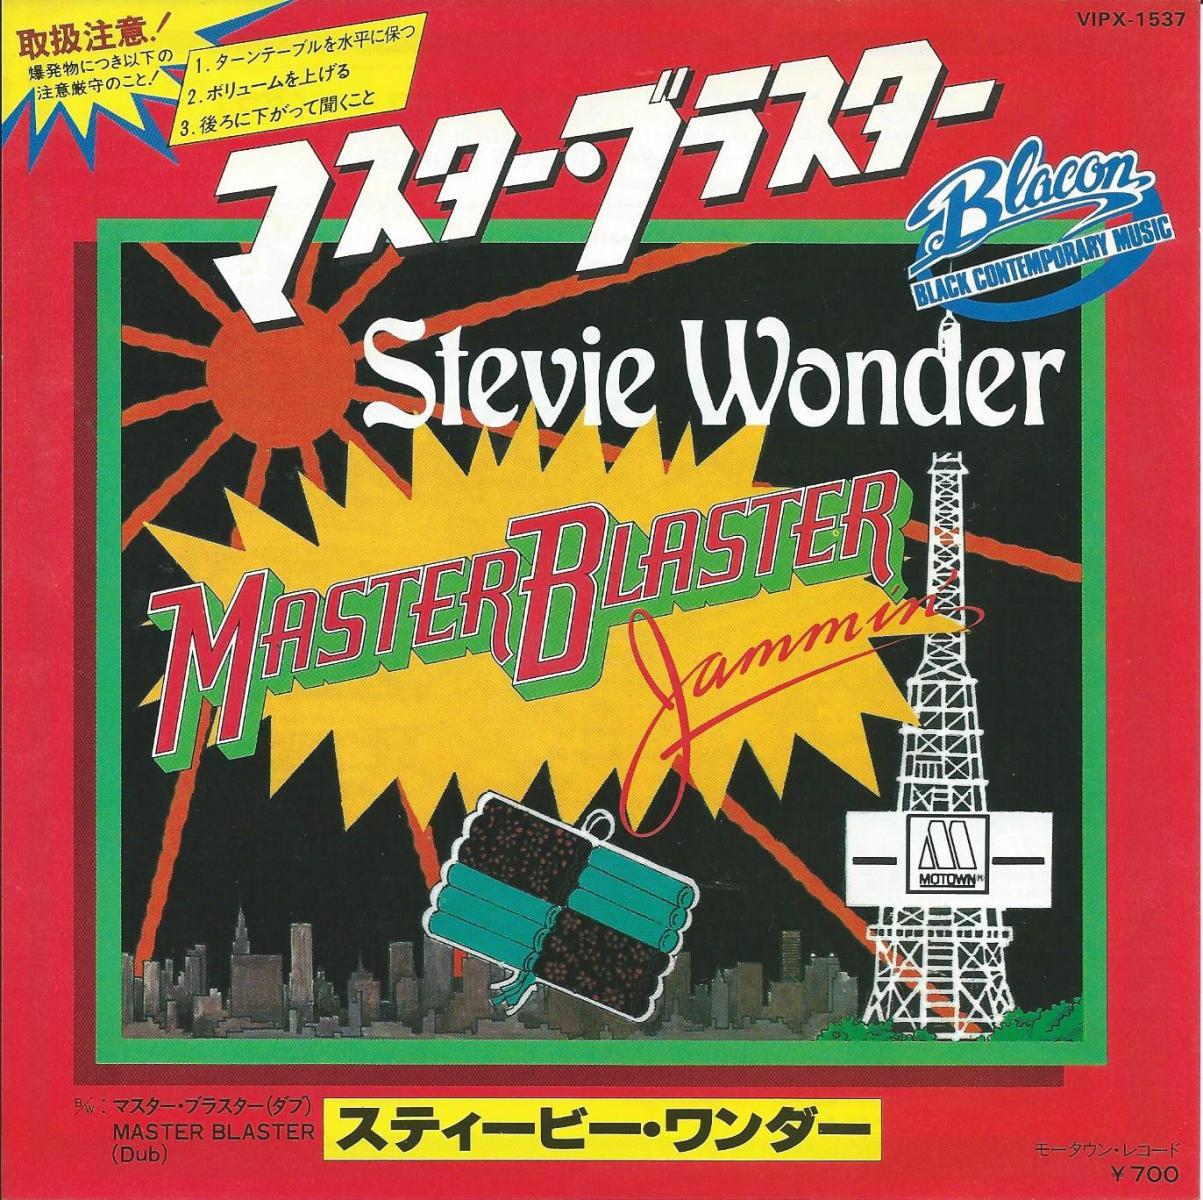 スティービー・ワンダー STEVIE WONDER / マスター・ブラスター MASTER BLASTER (JAMMIN') (7